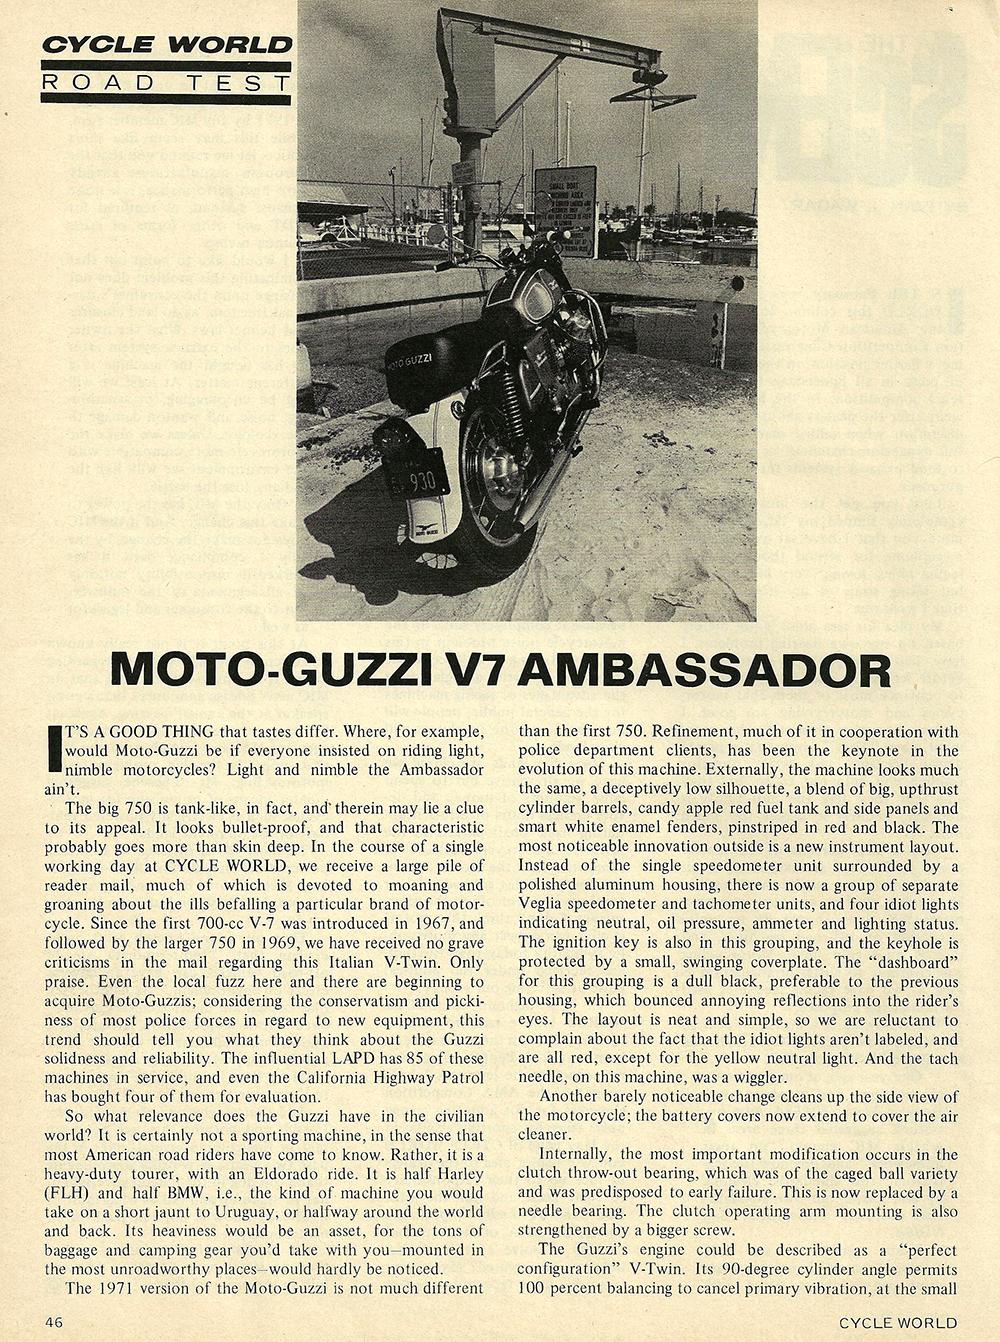 1971 Moto Guzzi V7 Ambassador road test 01.jpg